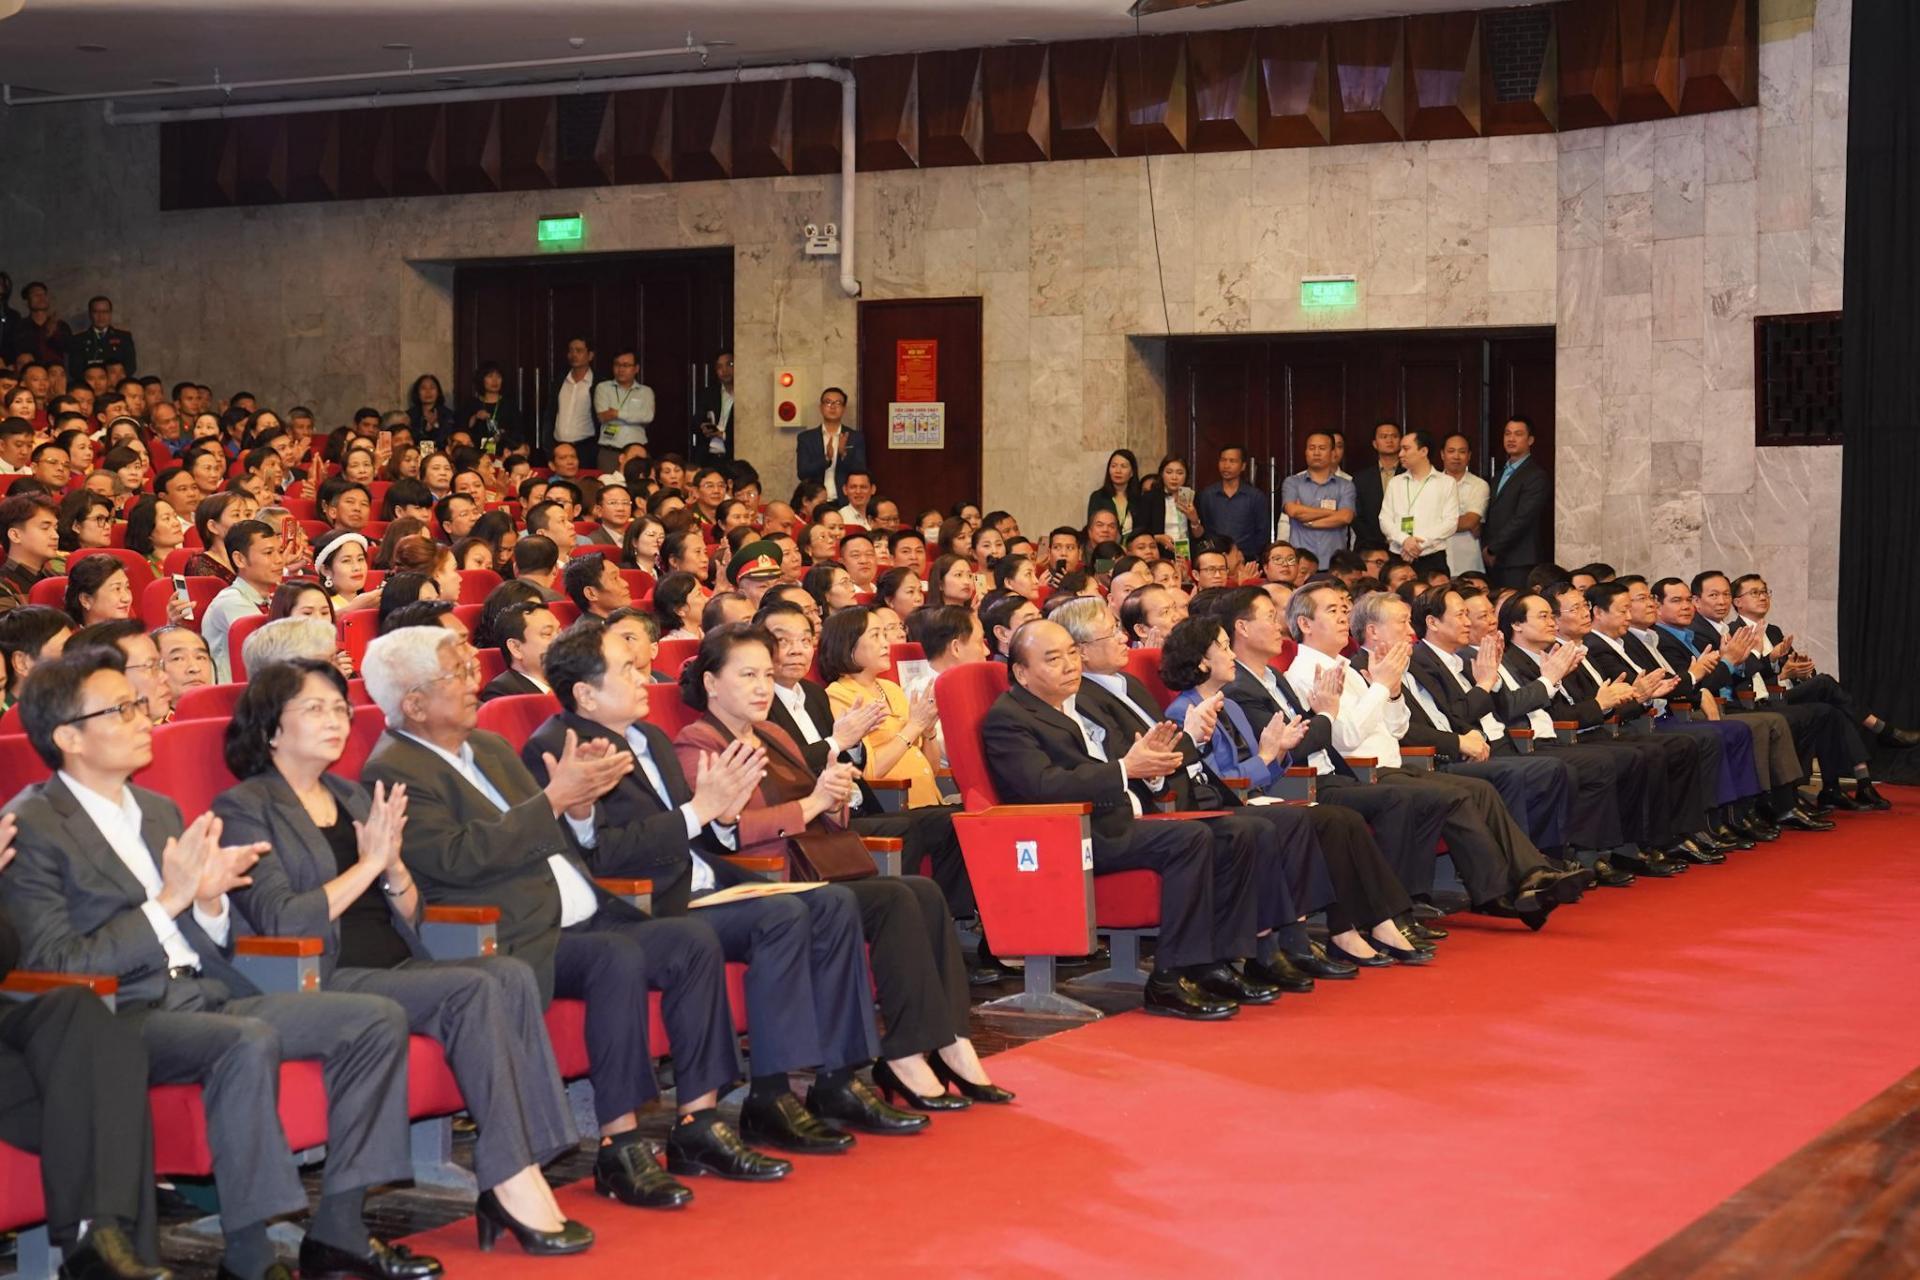 Thủ tướng Nguyễn Xuân Phúc và Chủ tịch Quốc hội Nguyễn Thị Kim Ngân với các đại biểu dự Chương trình Cả nước chung tay vì người nghèo năm 2020.